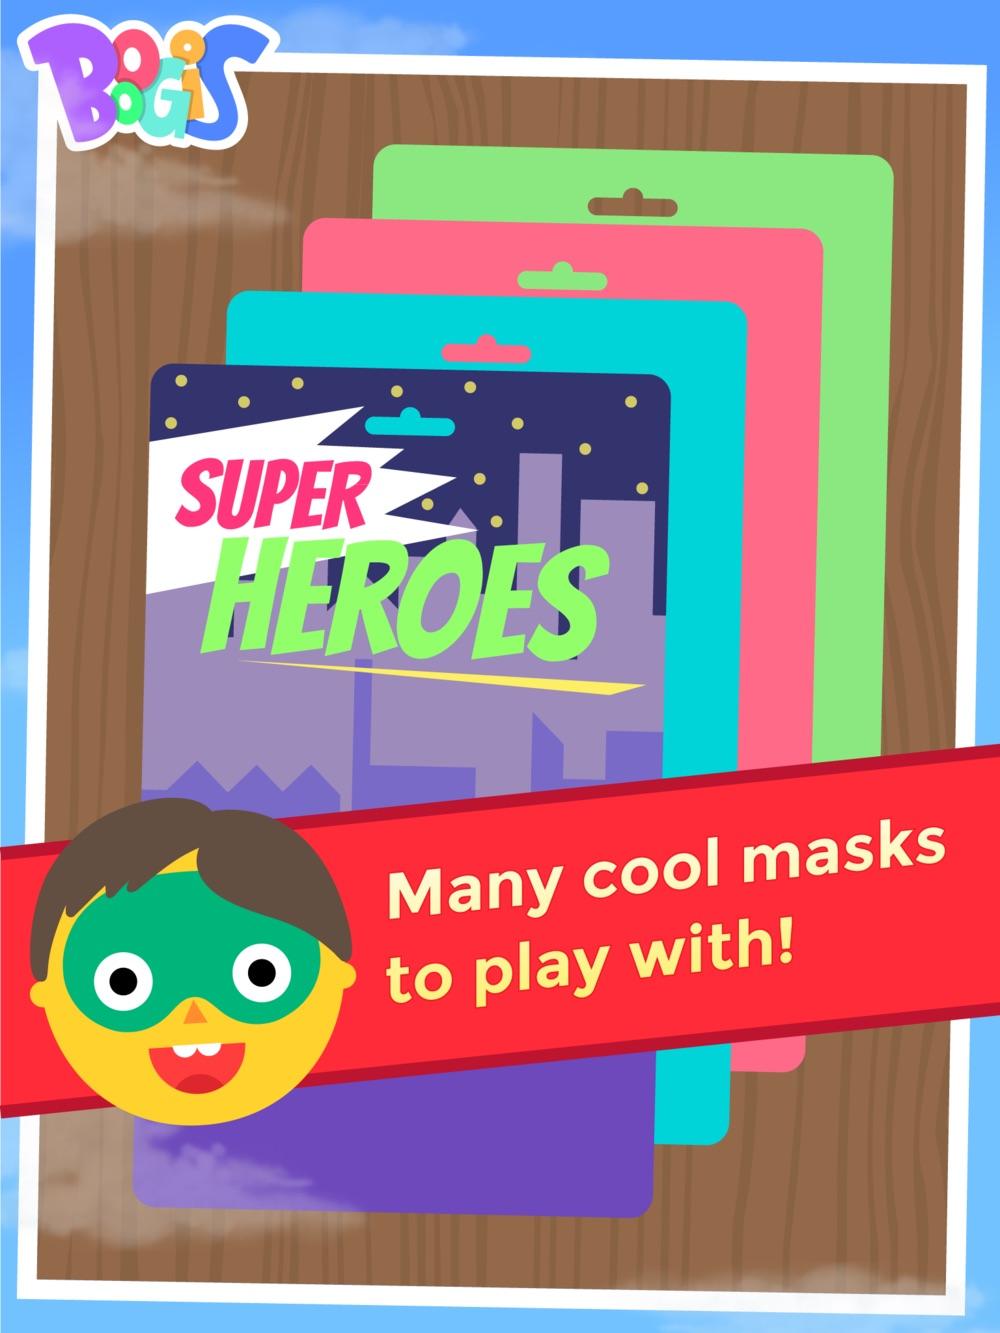 Boogis Mask Maker